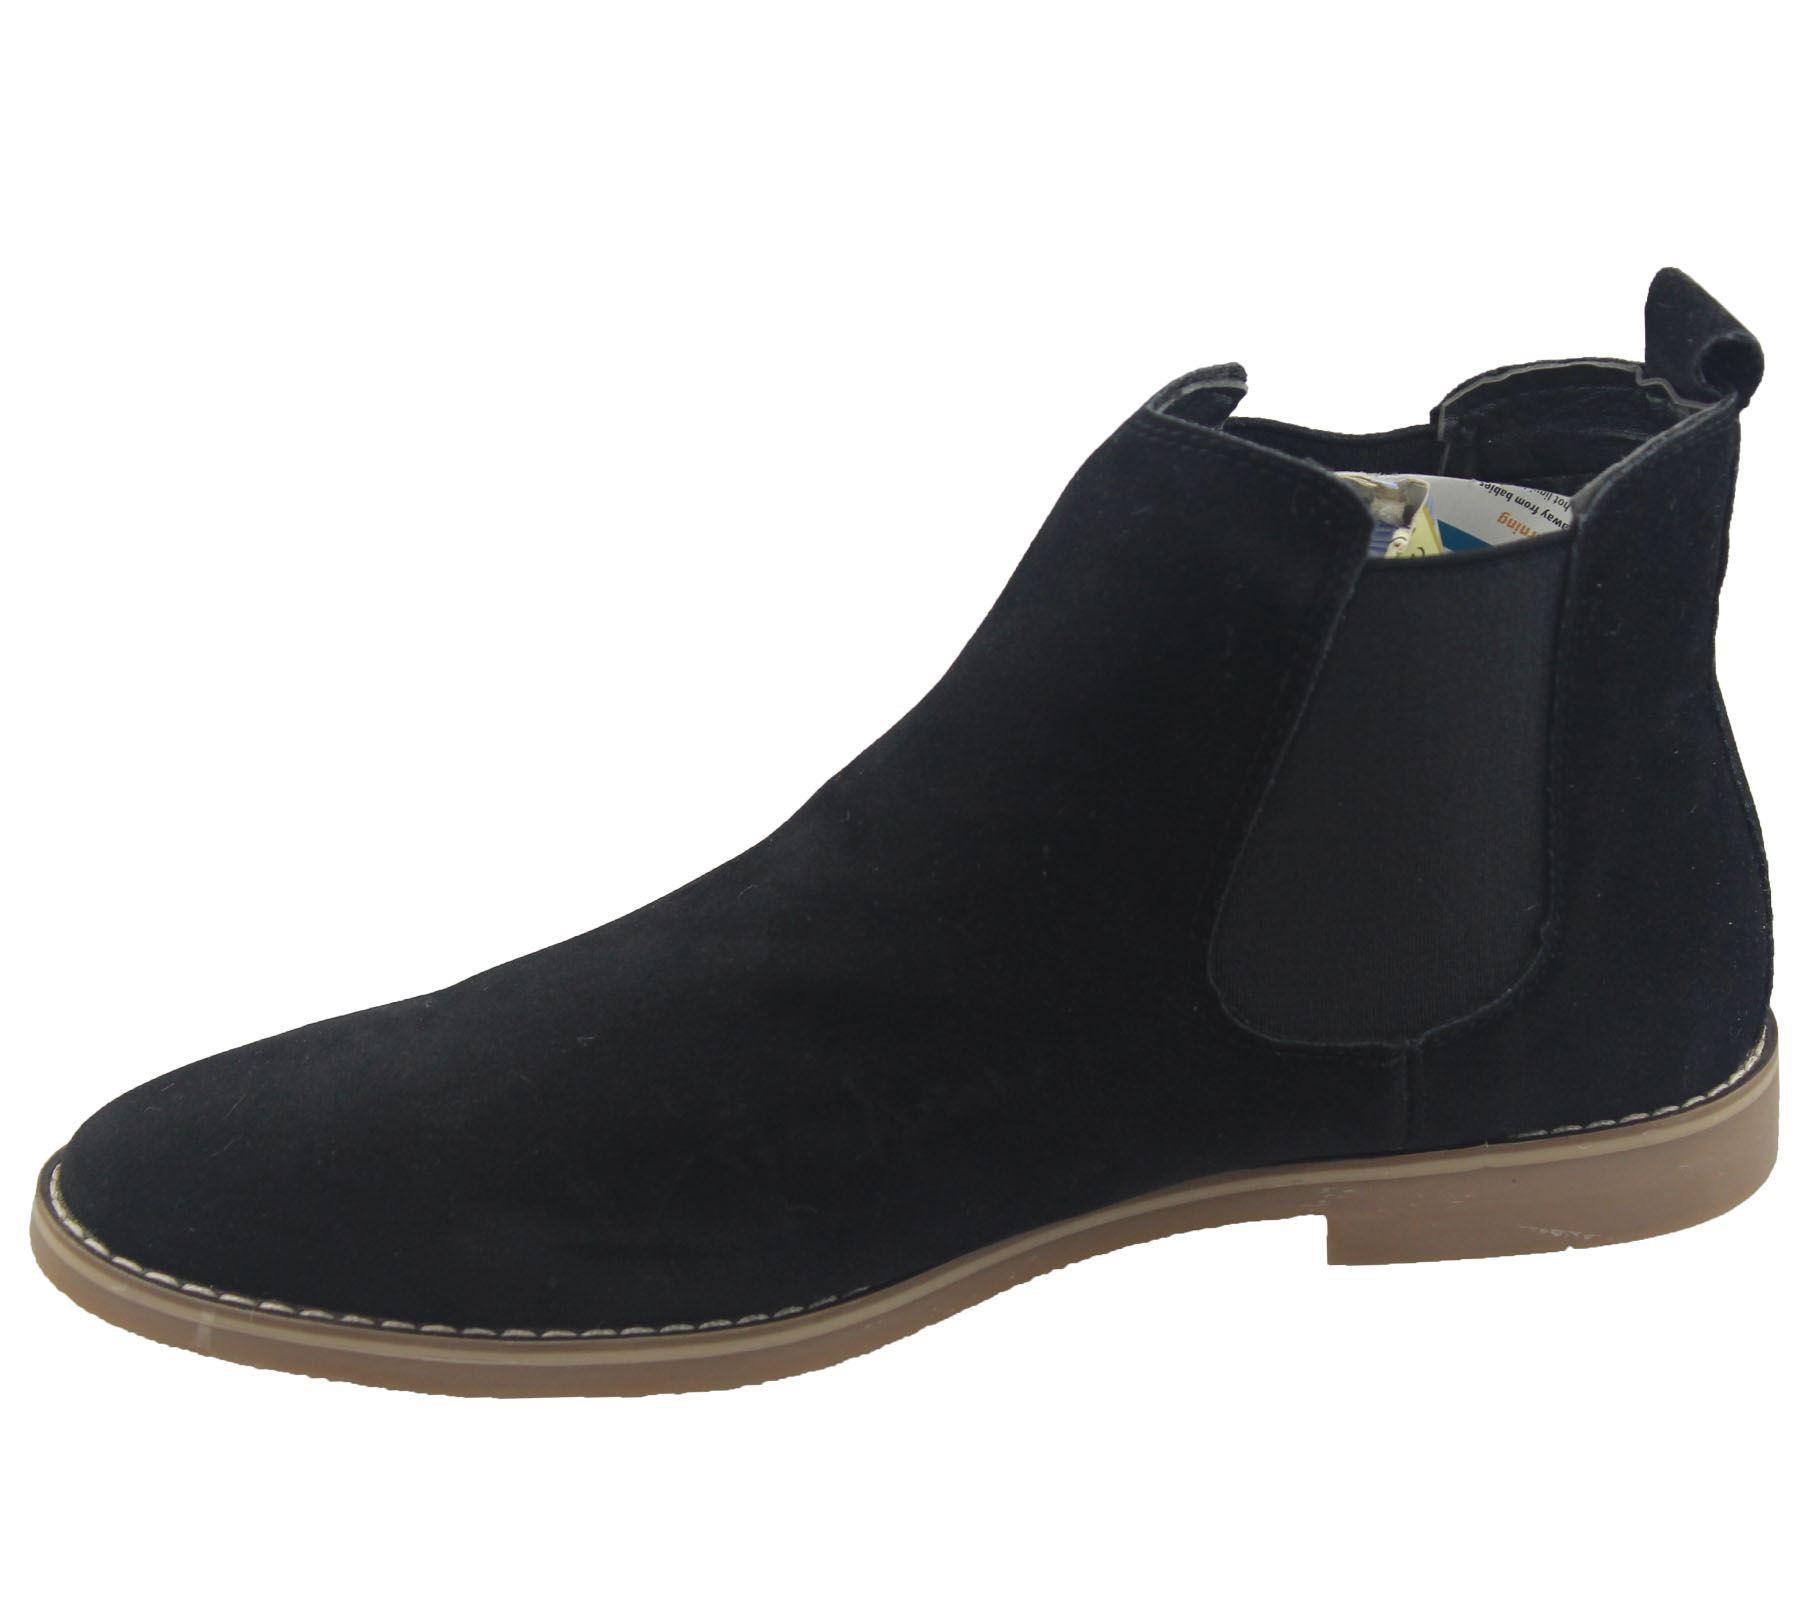 Vestido-Casual-Botas-para-Hombre-Chelsea-Ante-De-Imitacion-de-oficina-zapatos-de-Desierto-Tobillo